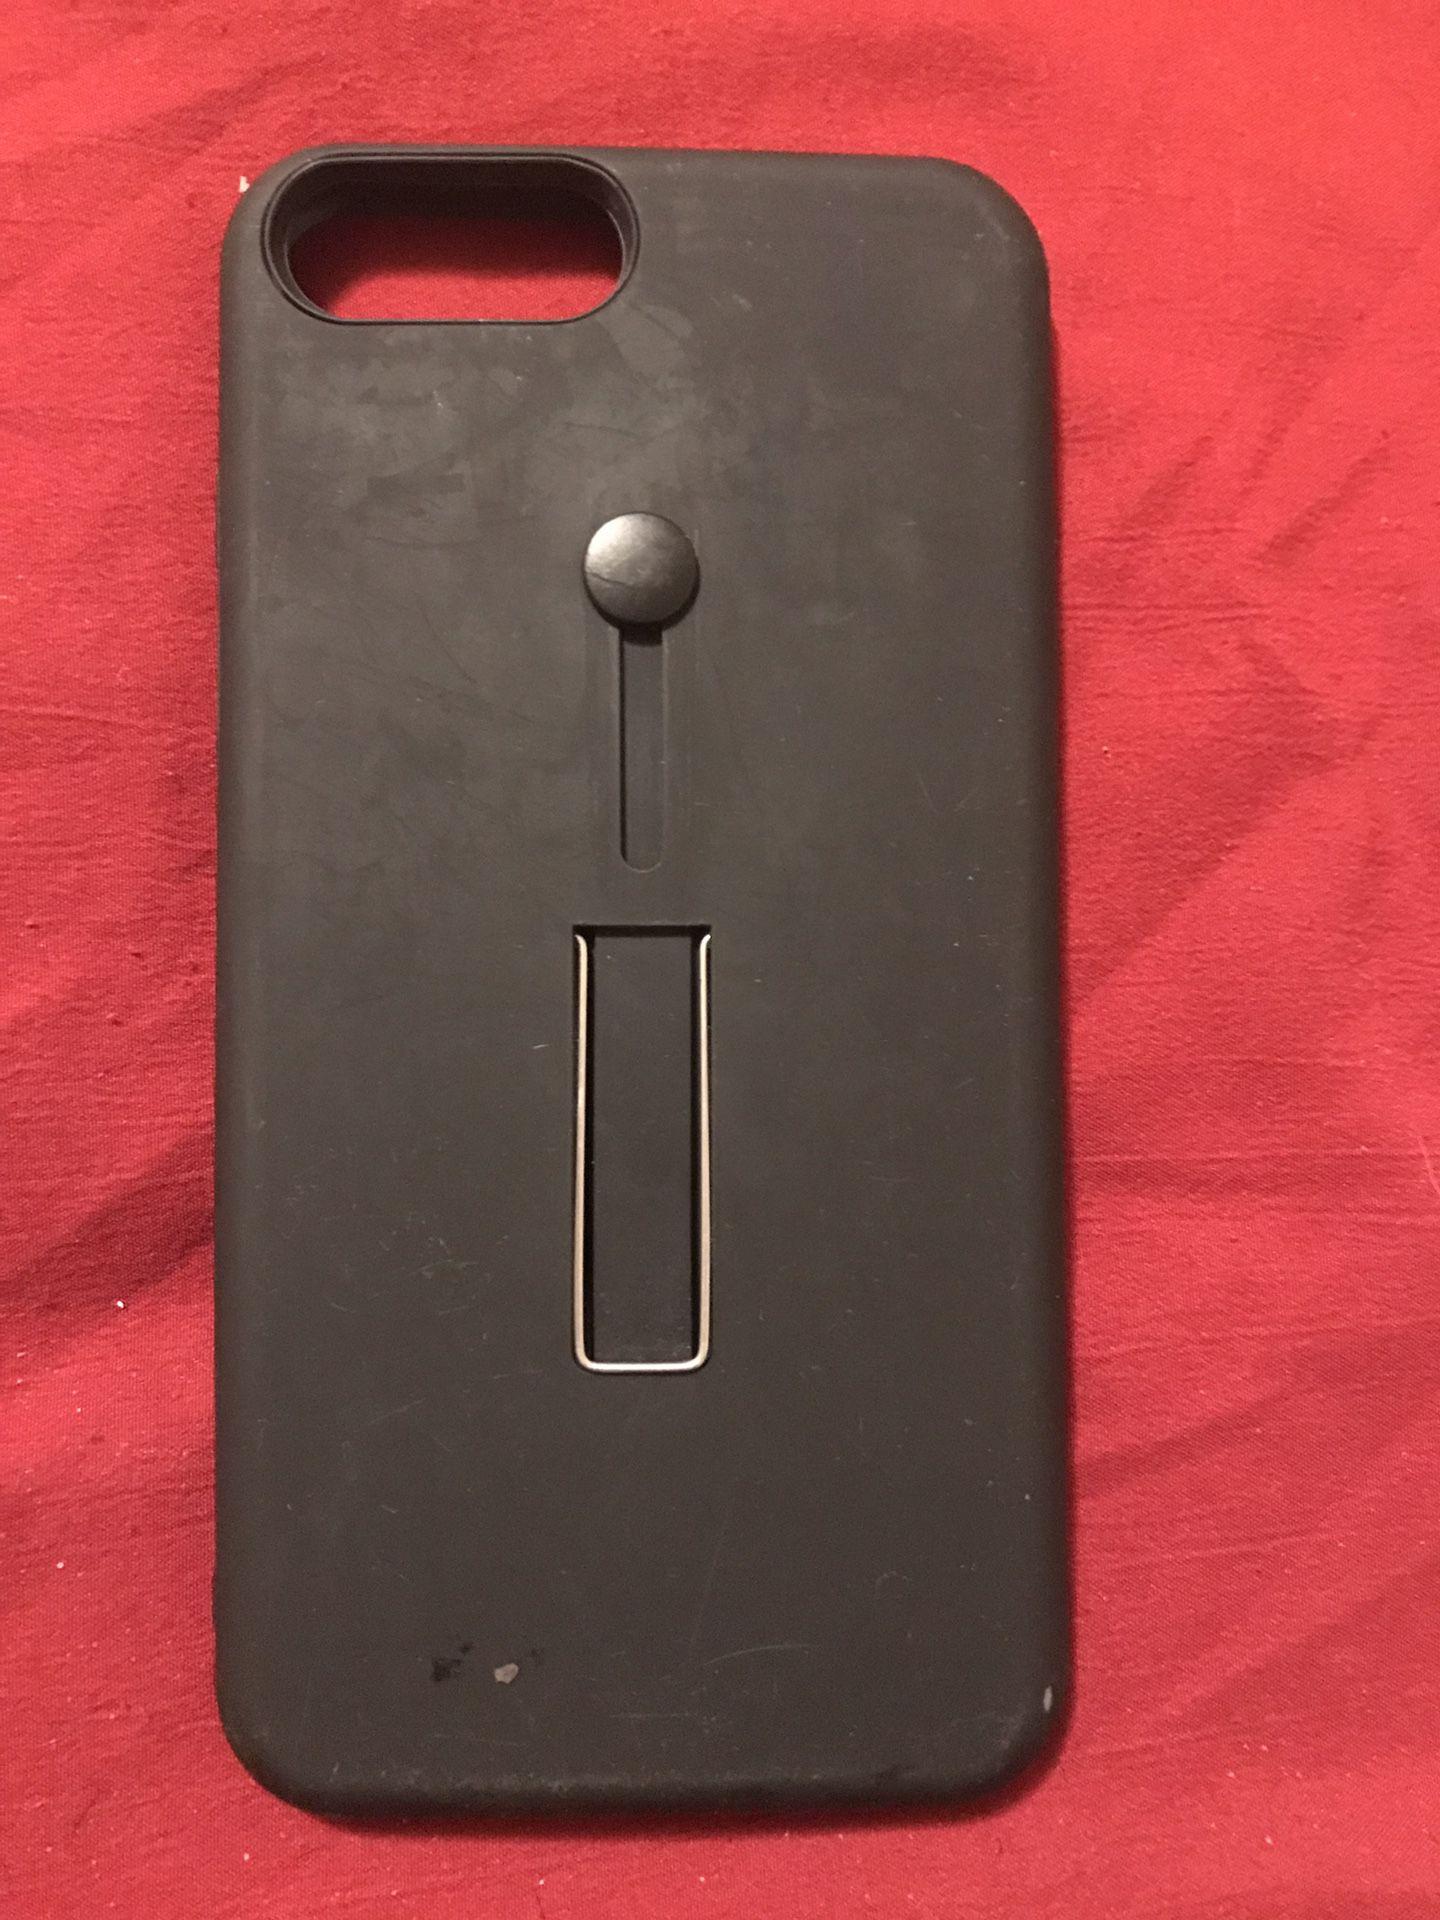 iphone 6+/7+/8+ cases